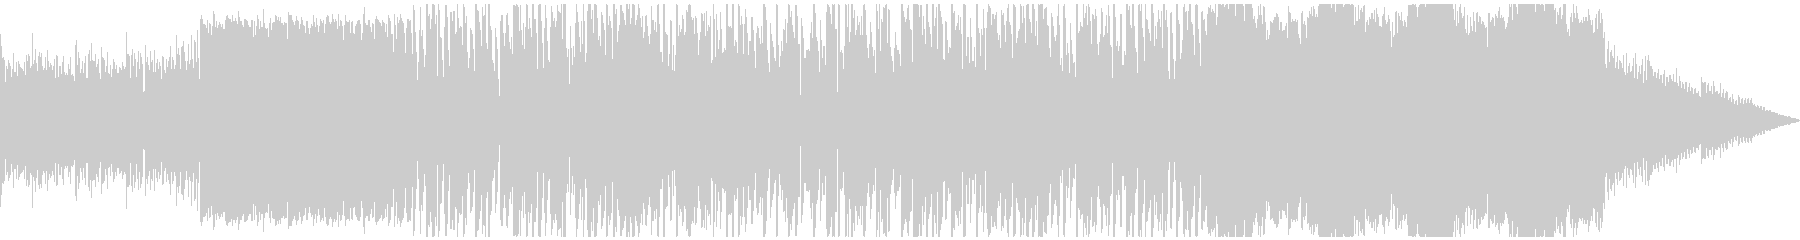 鉄琴でリラックスな曲の未再生の波形